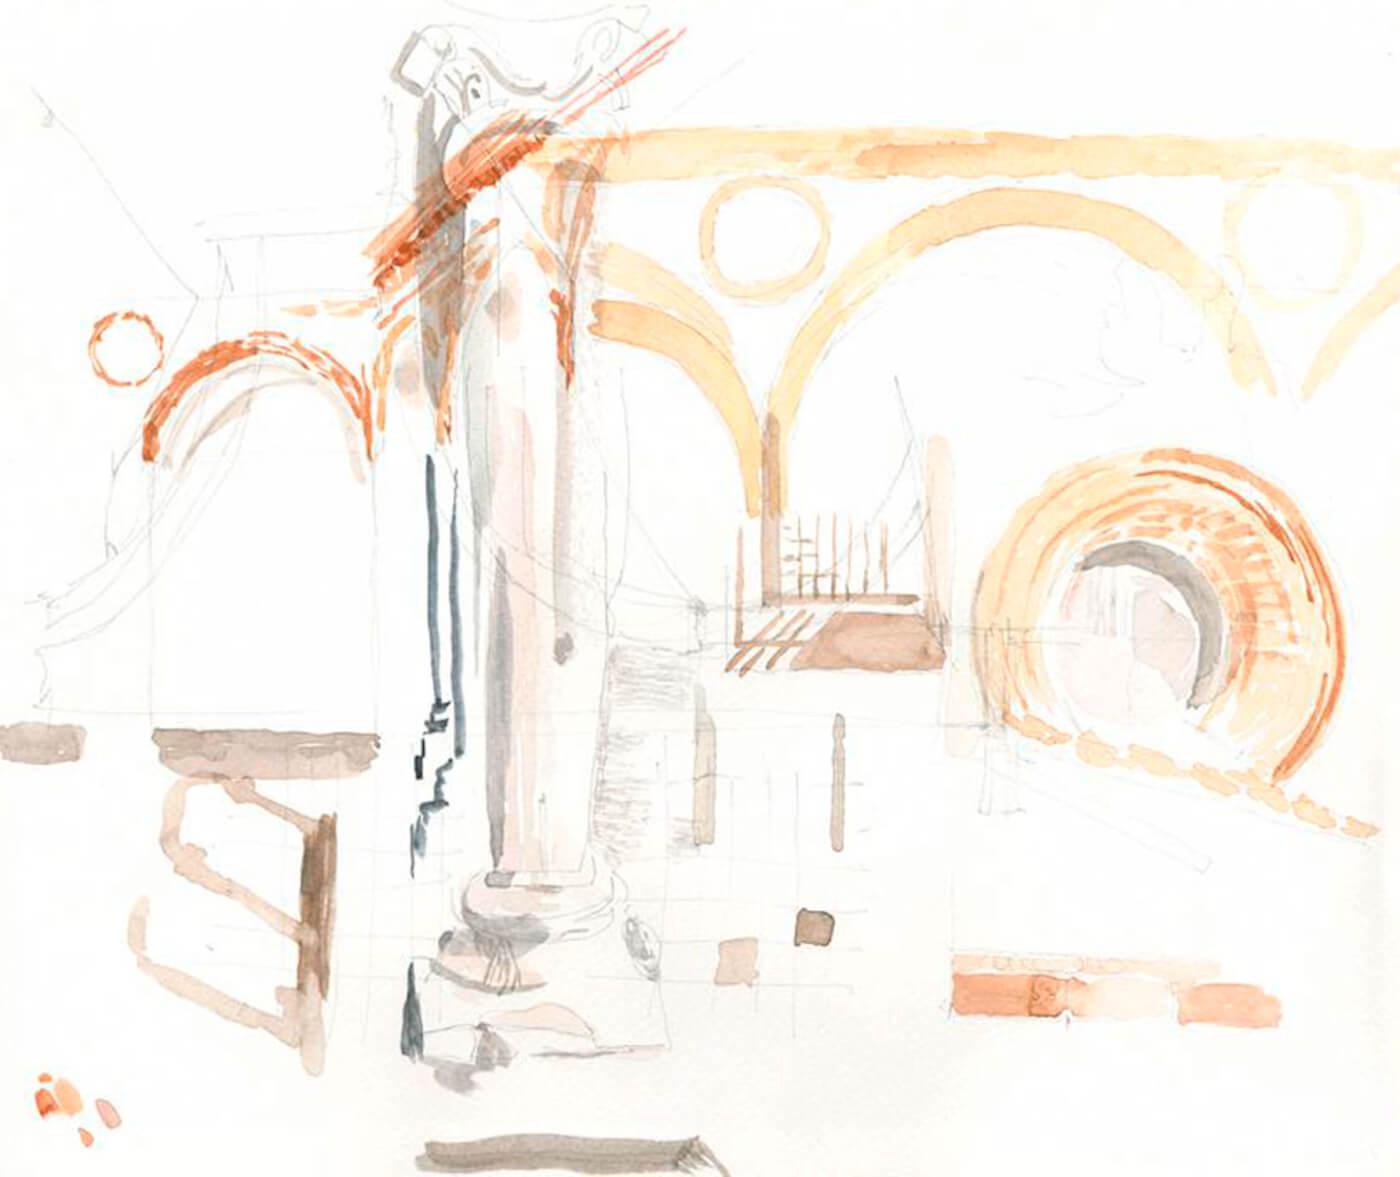 mailand, workshop, santa amraia delle grazie, zeichnung, aquarell, drawing, art